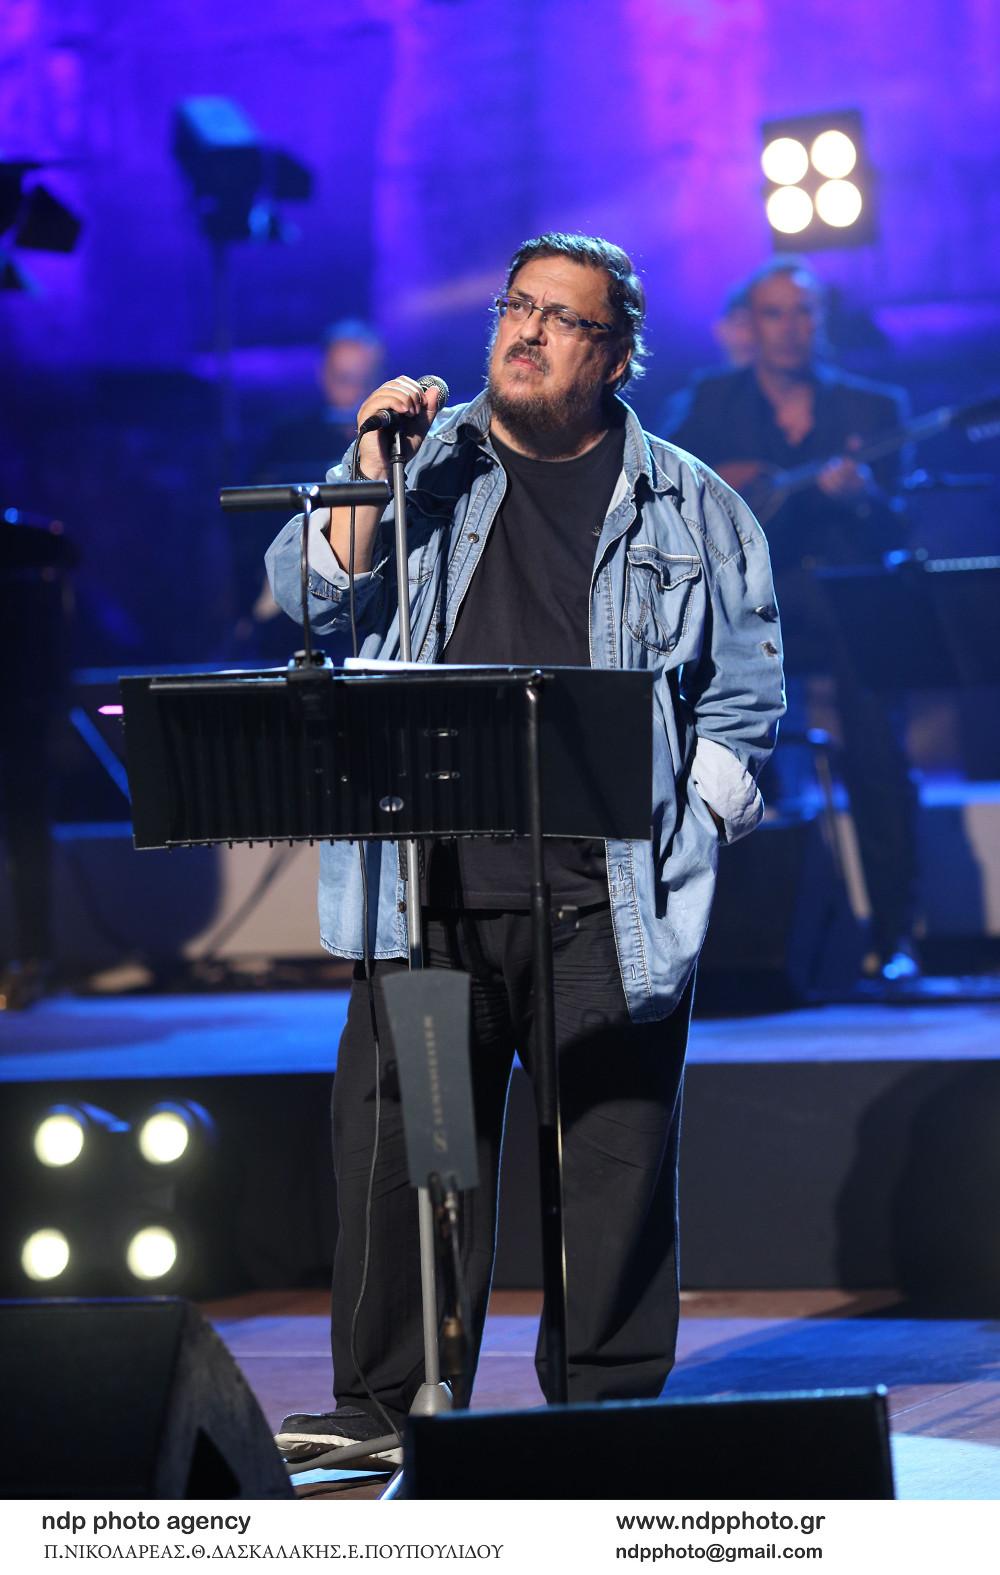 Ο Λαυρέντης Μαχαιρίτσας σε συναυλία-αφιέρωμα στον Δημήτρη Μητροπάνο το 2018 στο Ηρώδειο